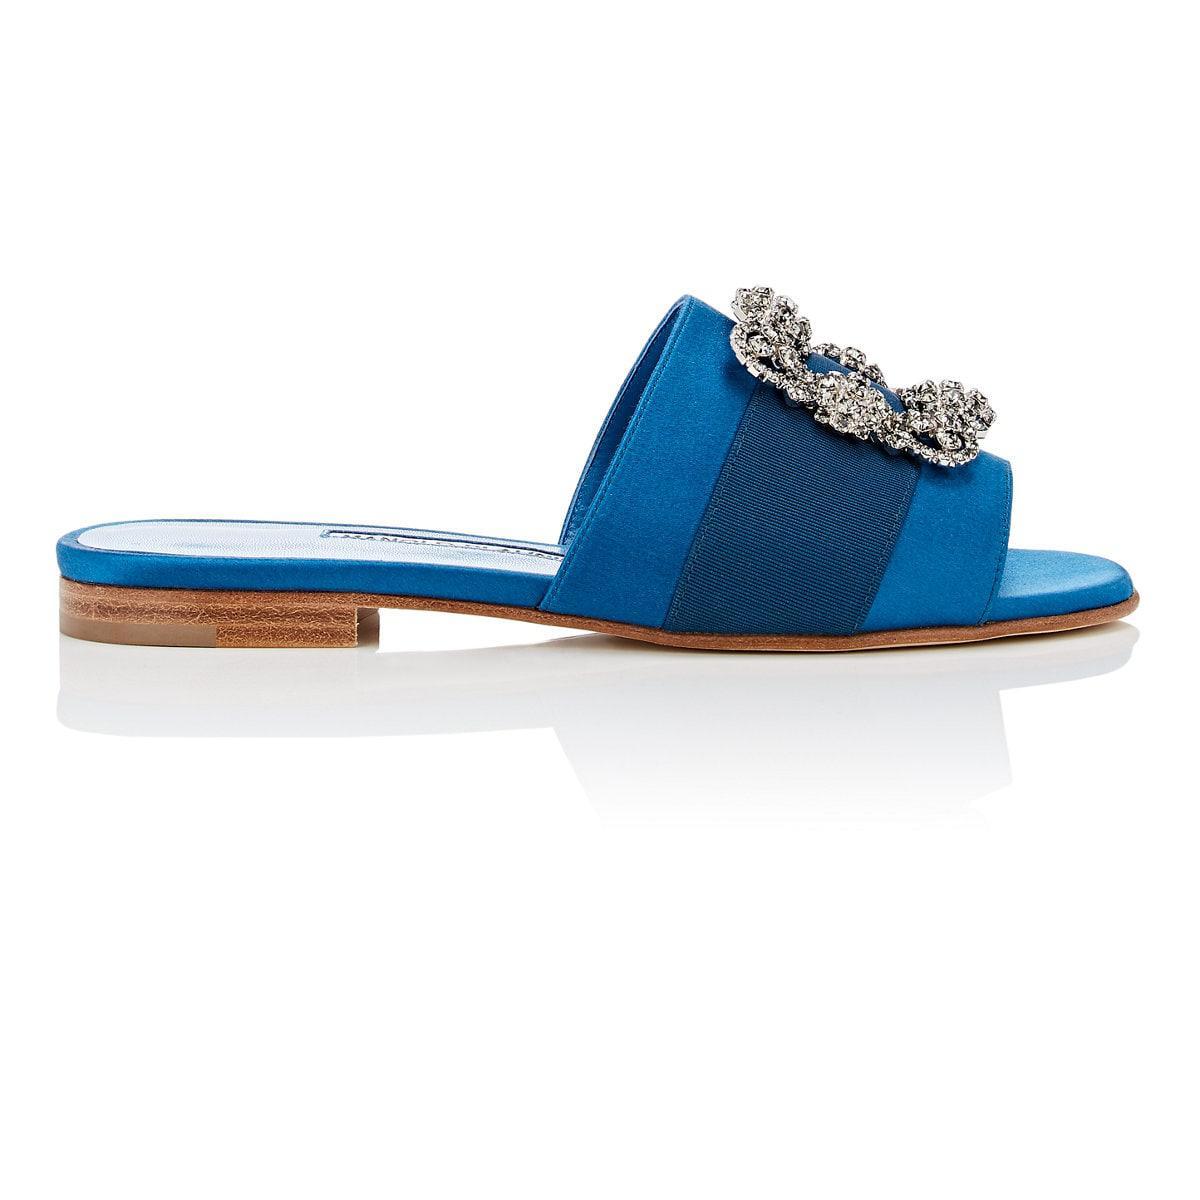 outlet websites outlet low price Manolo Blahnik Martamod Satin Slide Sandals gscpj82wUL